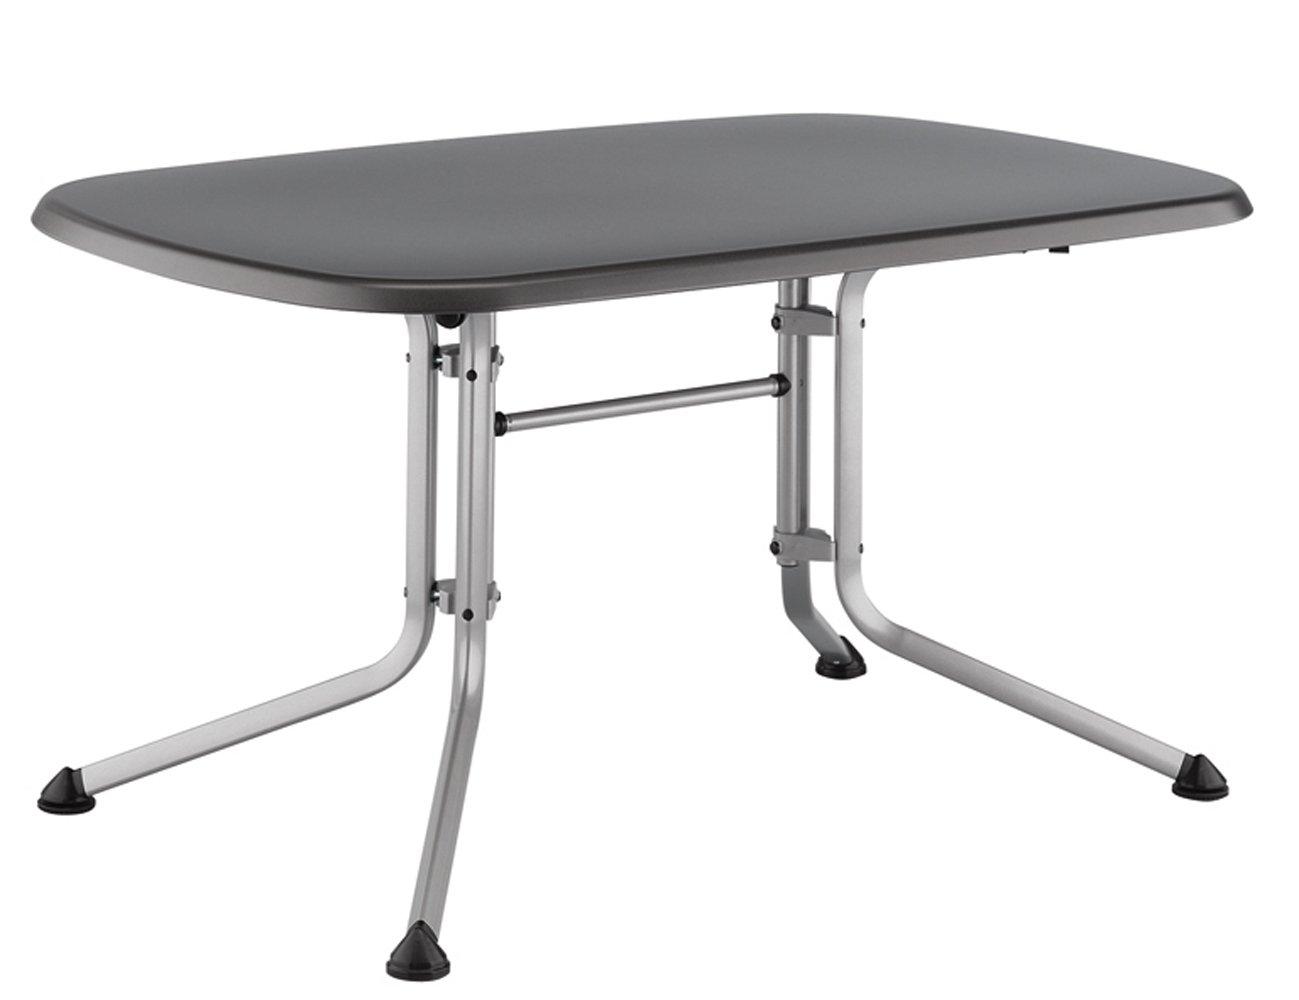 Kettler Balkontisch.Kettler Gartentisch Oval 140x90cm Silber Eisengrau Aluminiumgestell Silber Kettalux Plus Platte